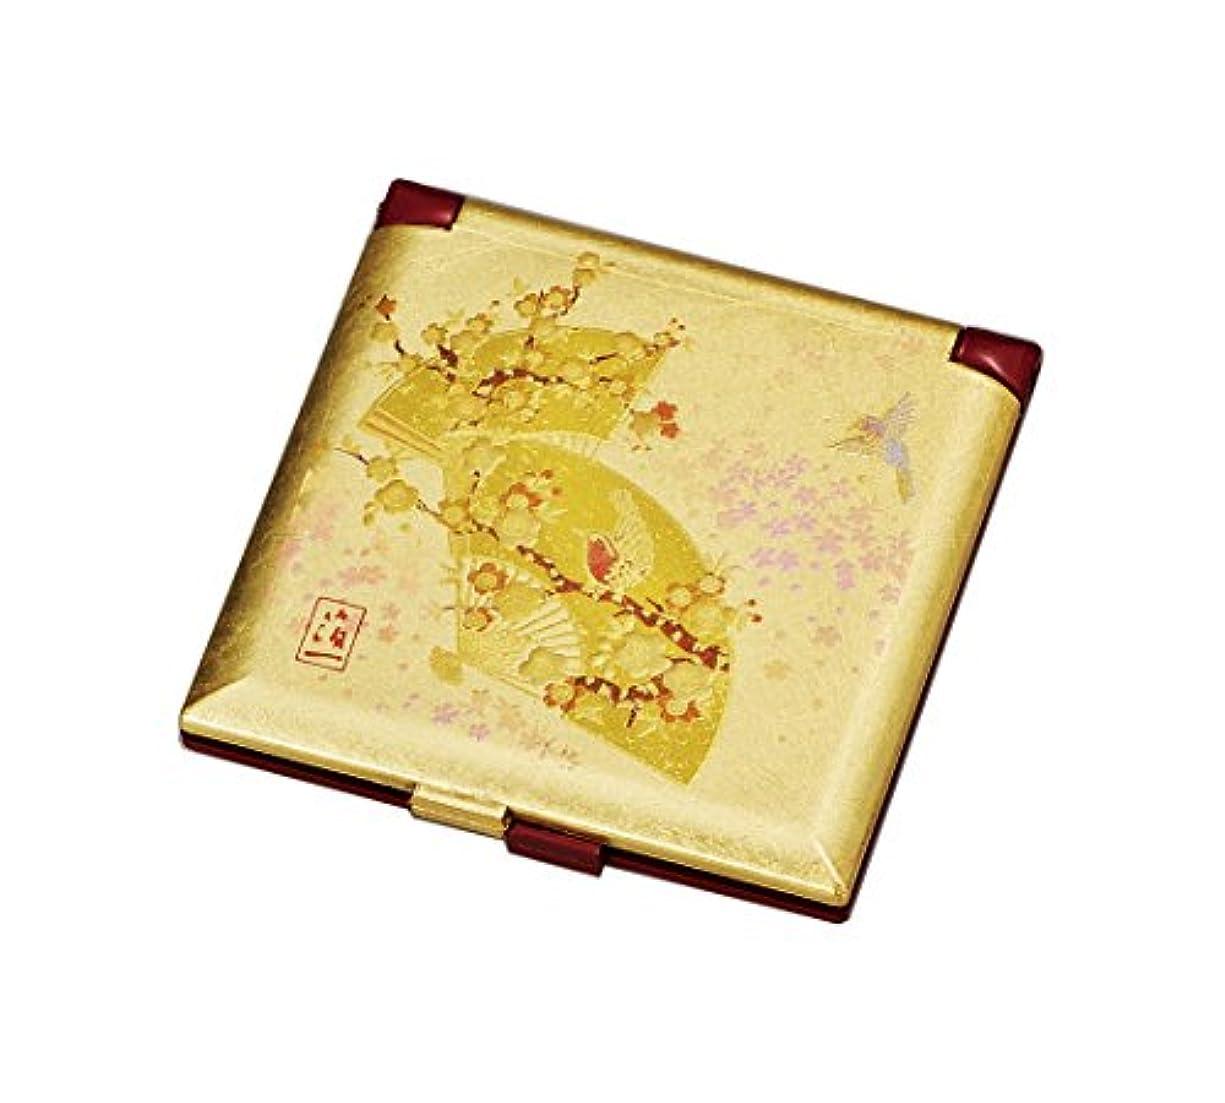 例外名声余剰箔一 ミラー ゴールド 70×70×5mm うららか ミニコンパクトミラー A125-02006